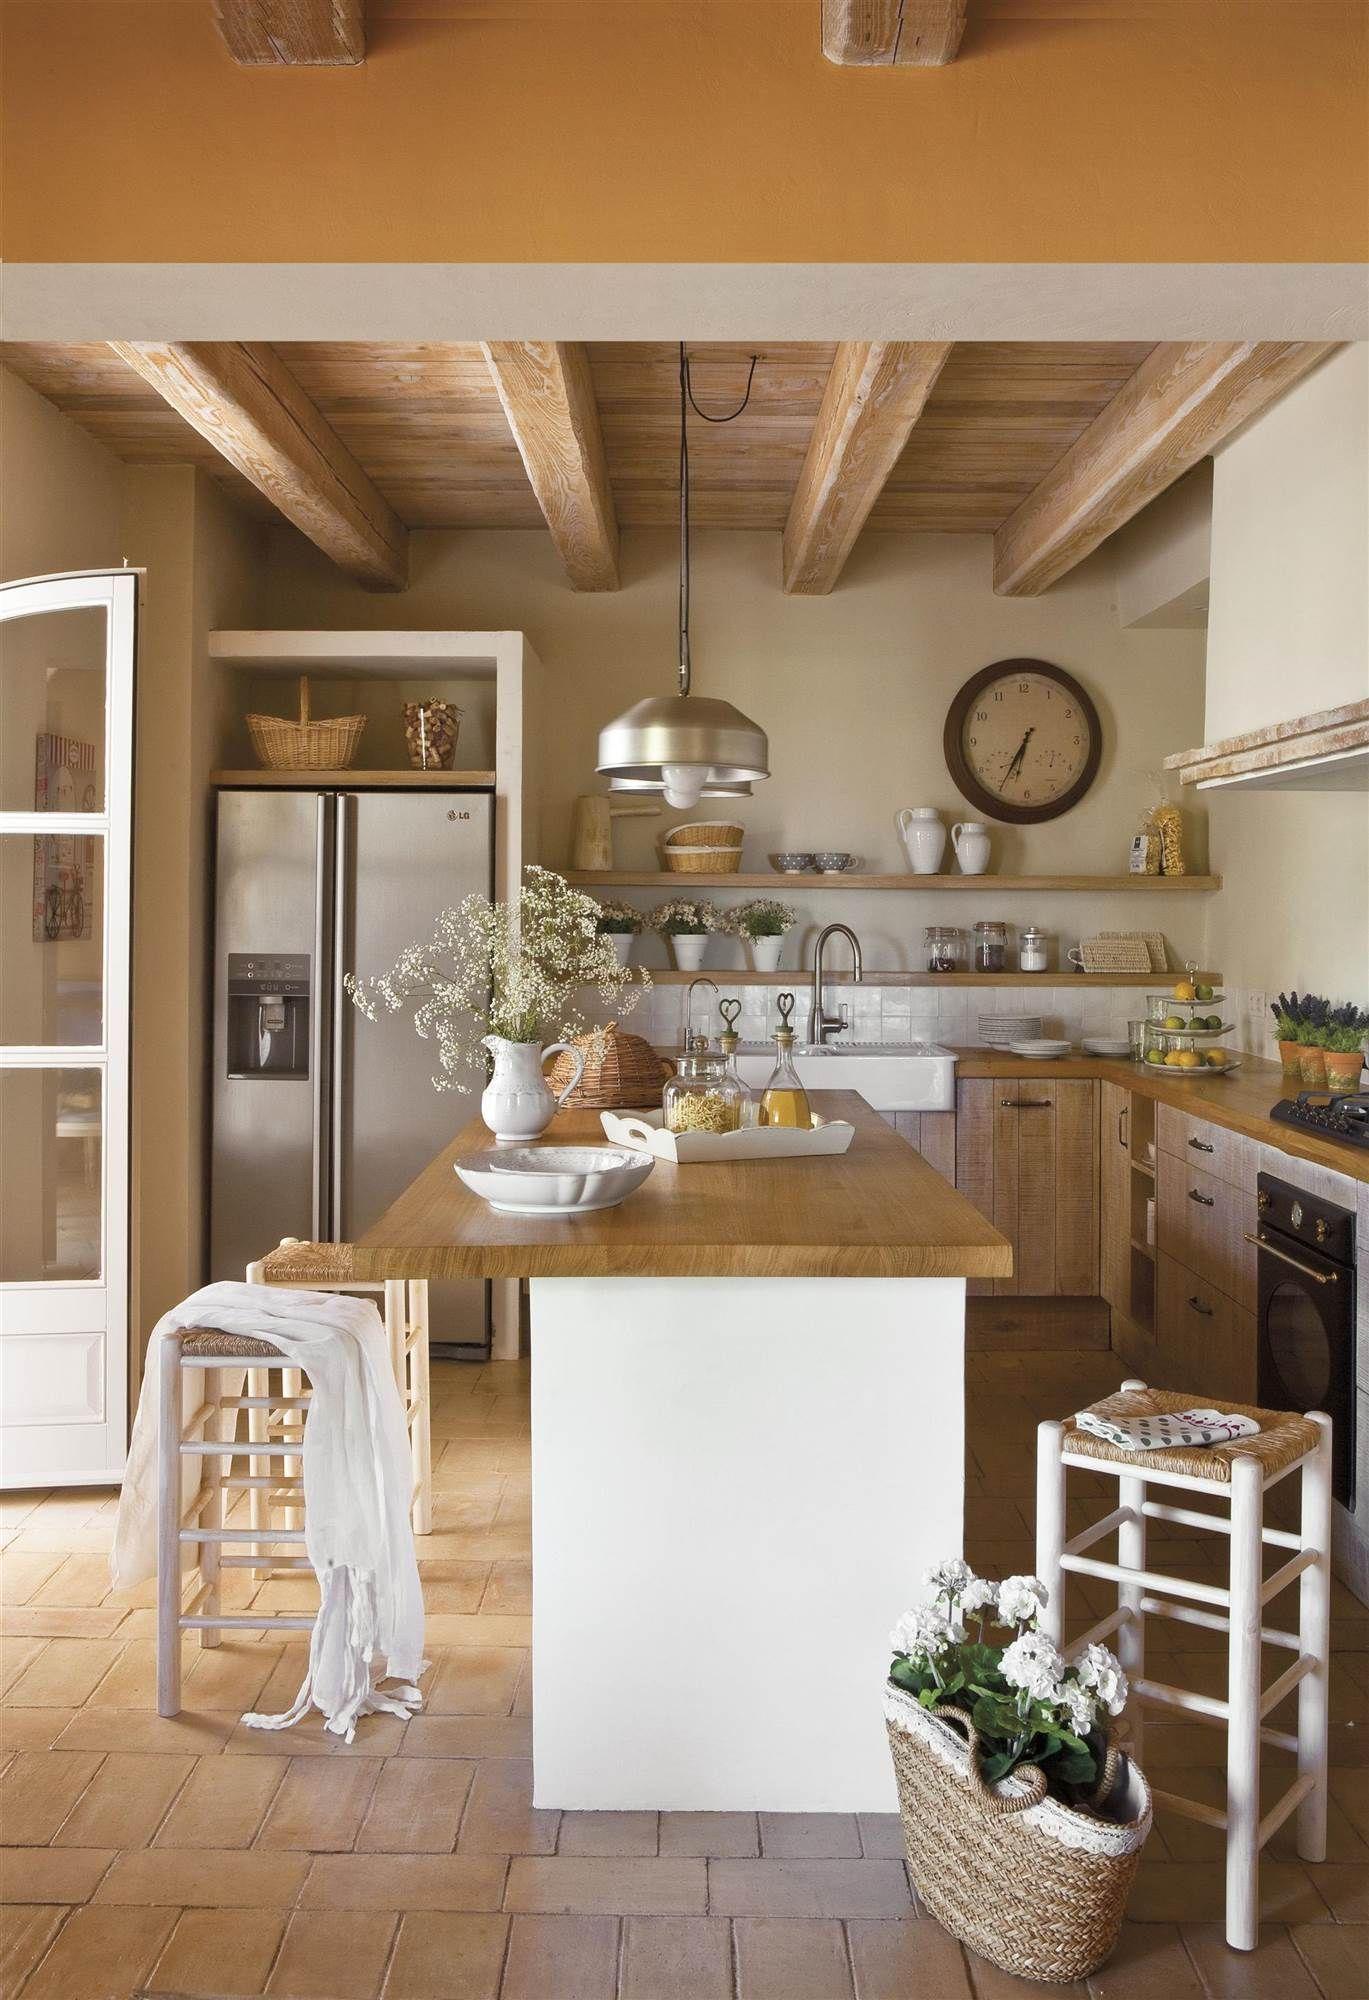 Mira y elige: una de estas siete cocinas te define | Decorations ...